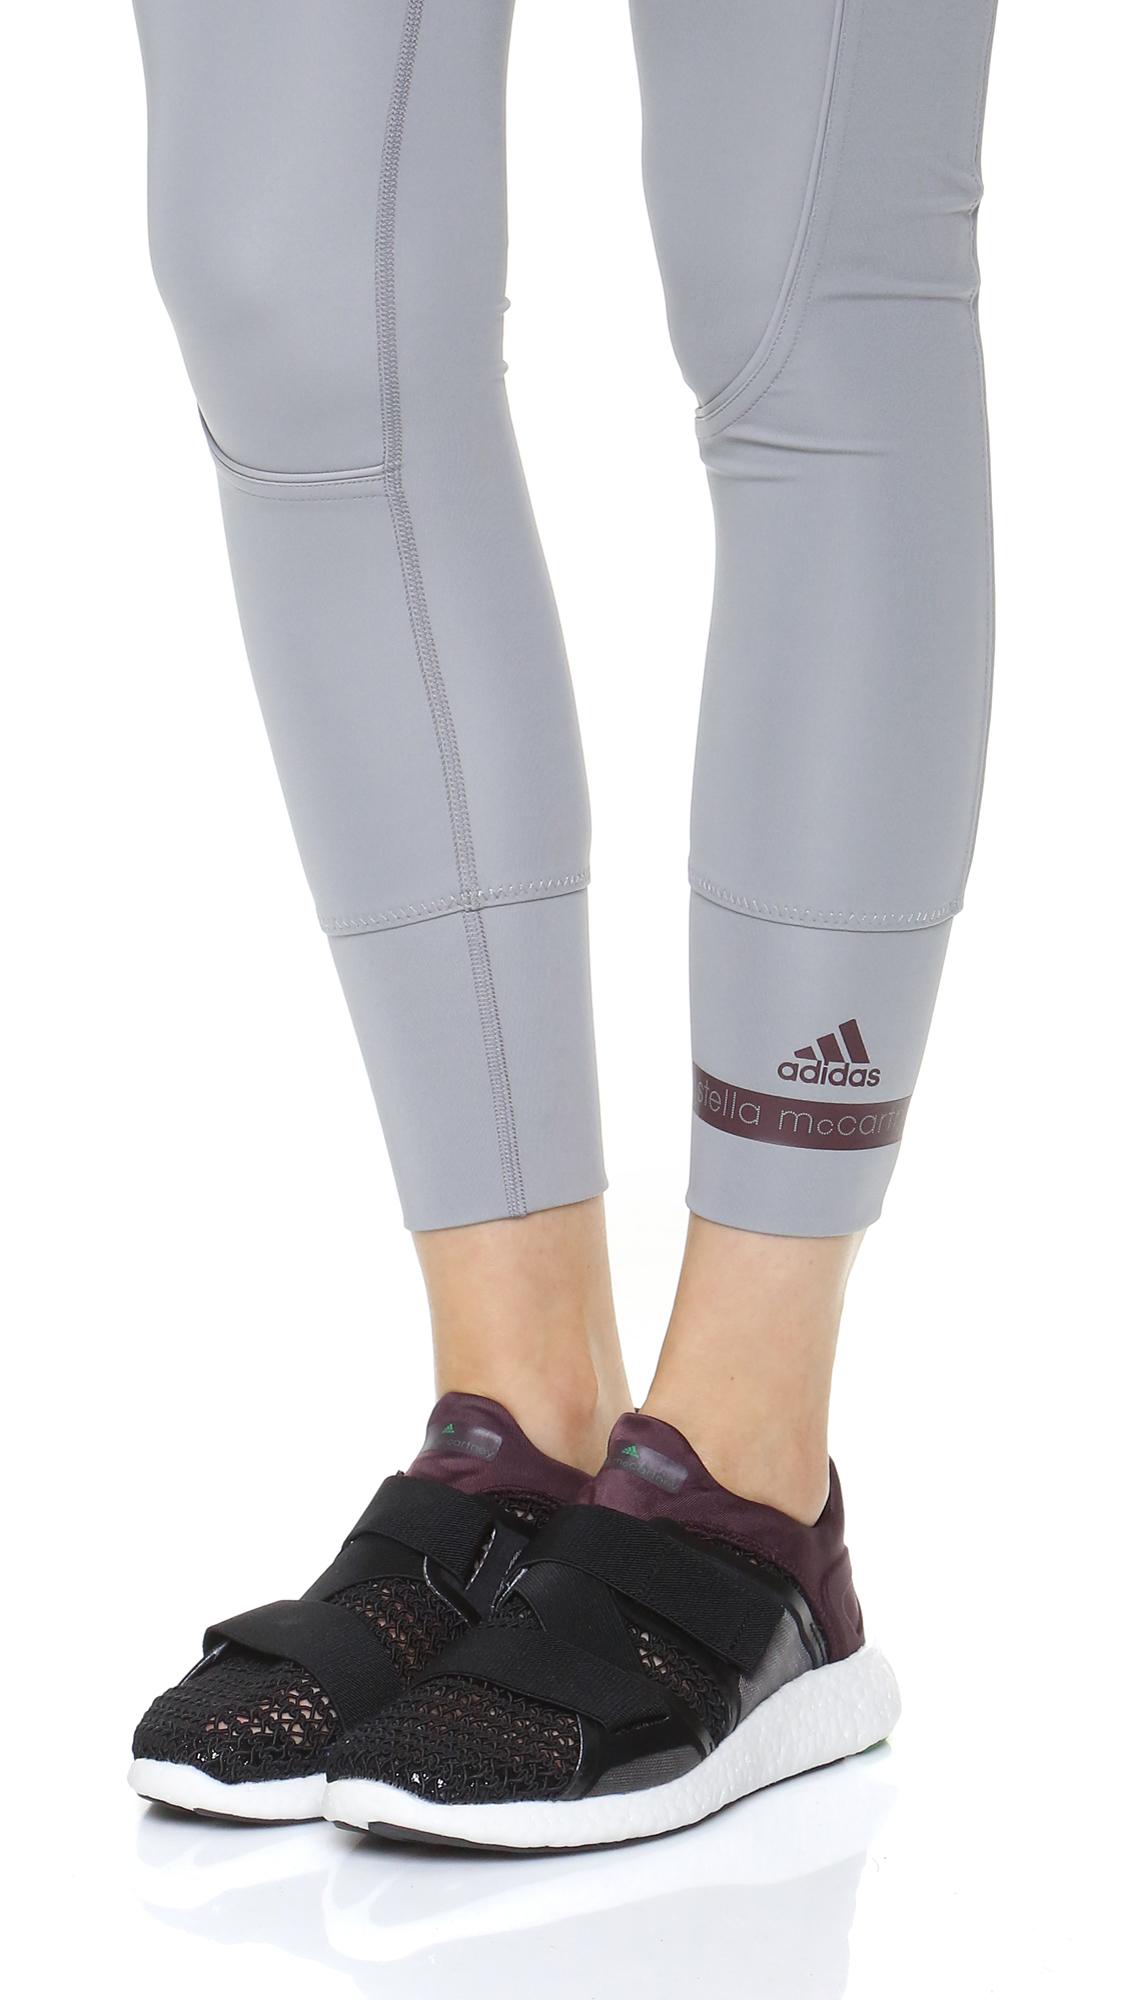 adidas by stella mccartney pureboostx